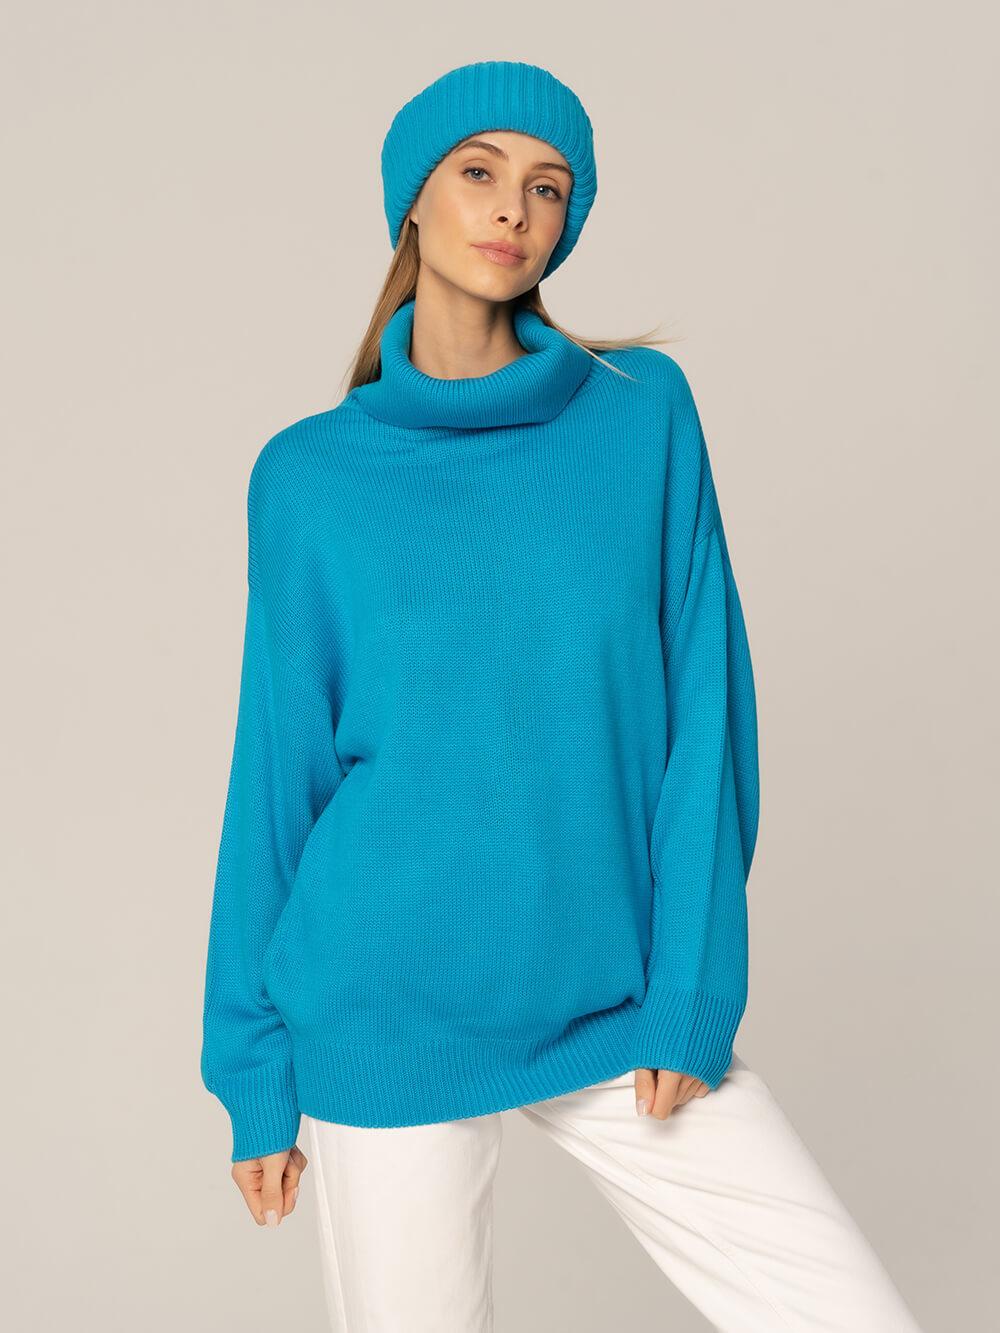 Женский комплект из свитера и шапки ярко-синего цвета - фото 1